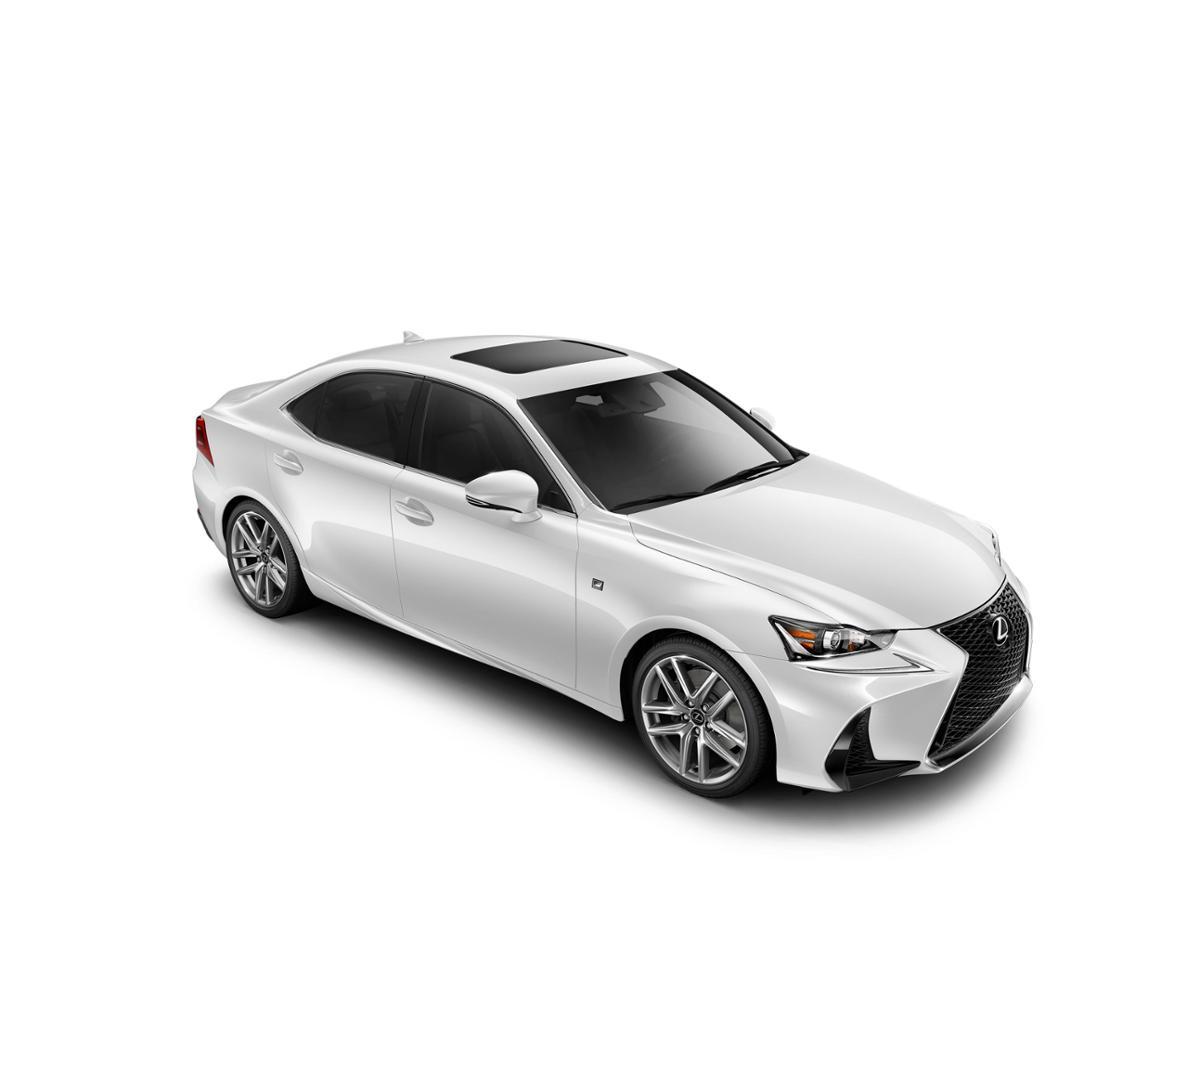 2018 Ultra White F Sport Lexus IS 350 For Sale In San